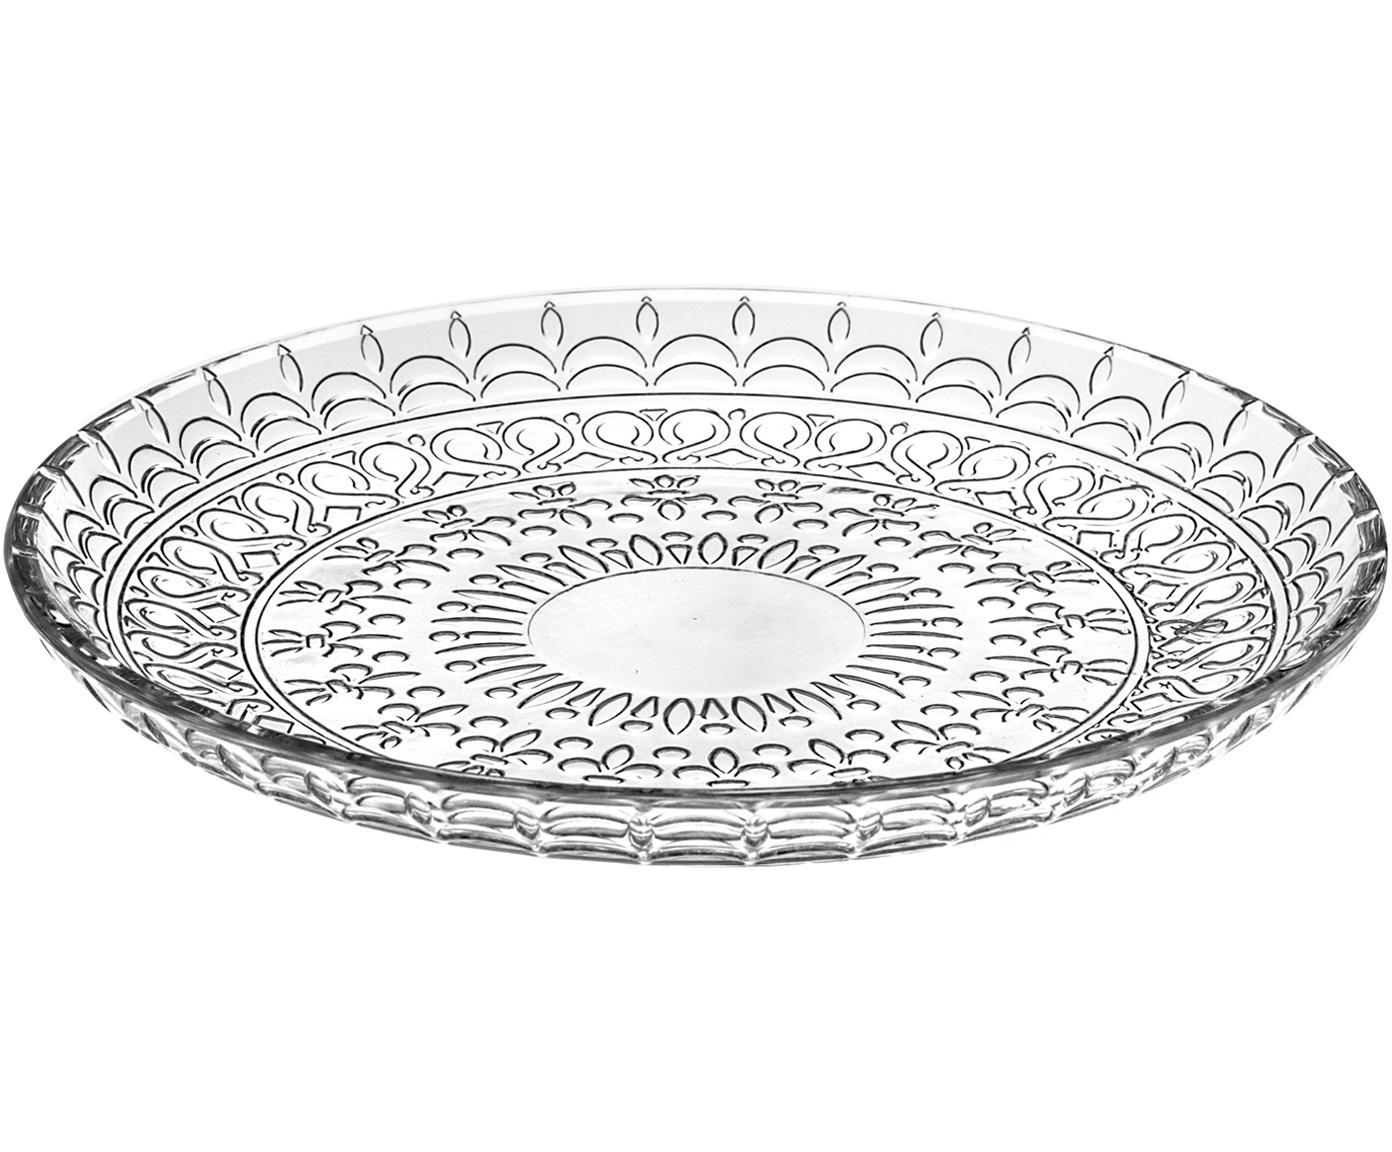 Piatto da dessert in cristallo Fondo 4 pz, Cristallo Luxion, Trasparente, Ø 21 cm